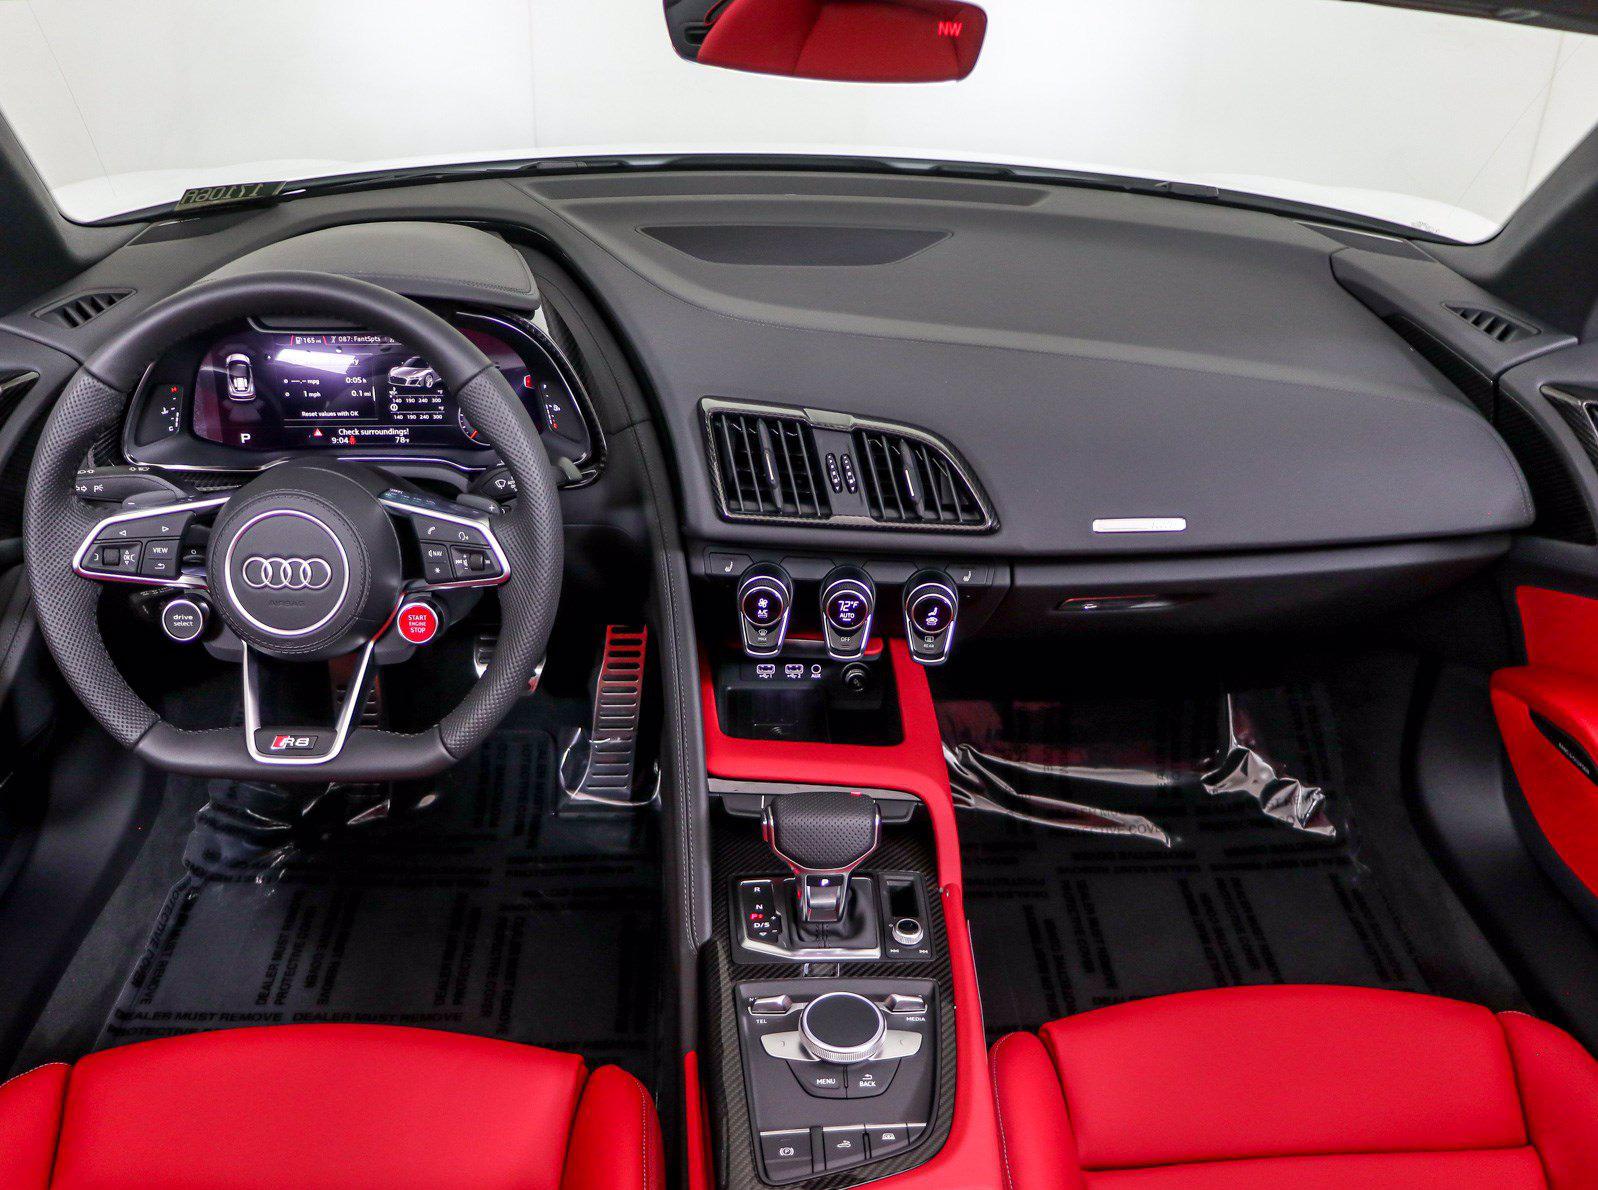 Audi R8 Spyder 2021 chào hàng đại gia Việt Nam kèm mức giá 'rẻ bất ngờ' 4